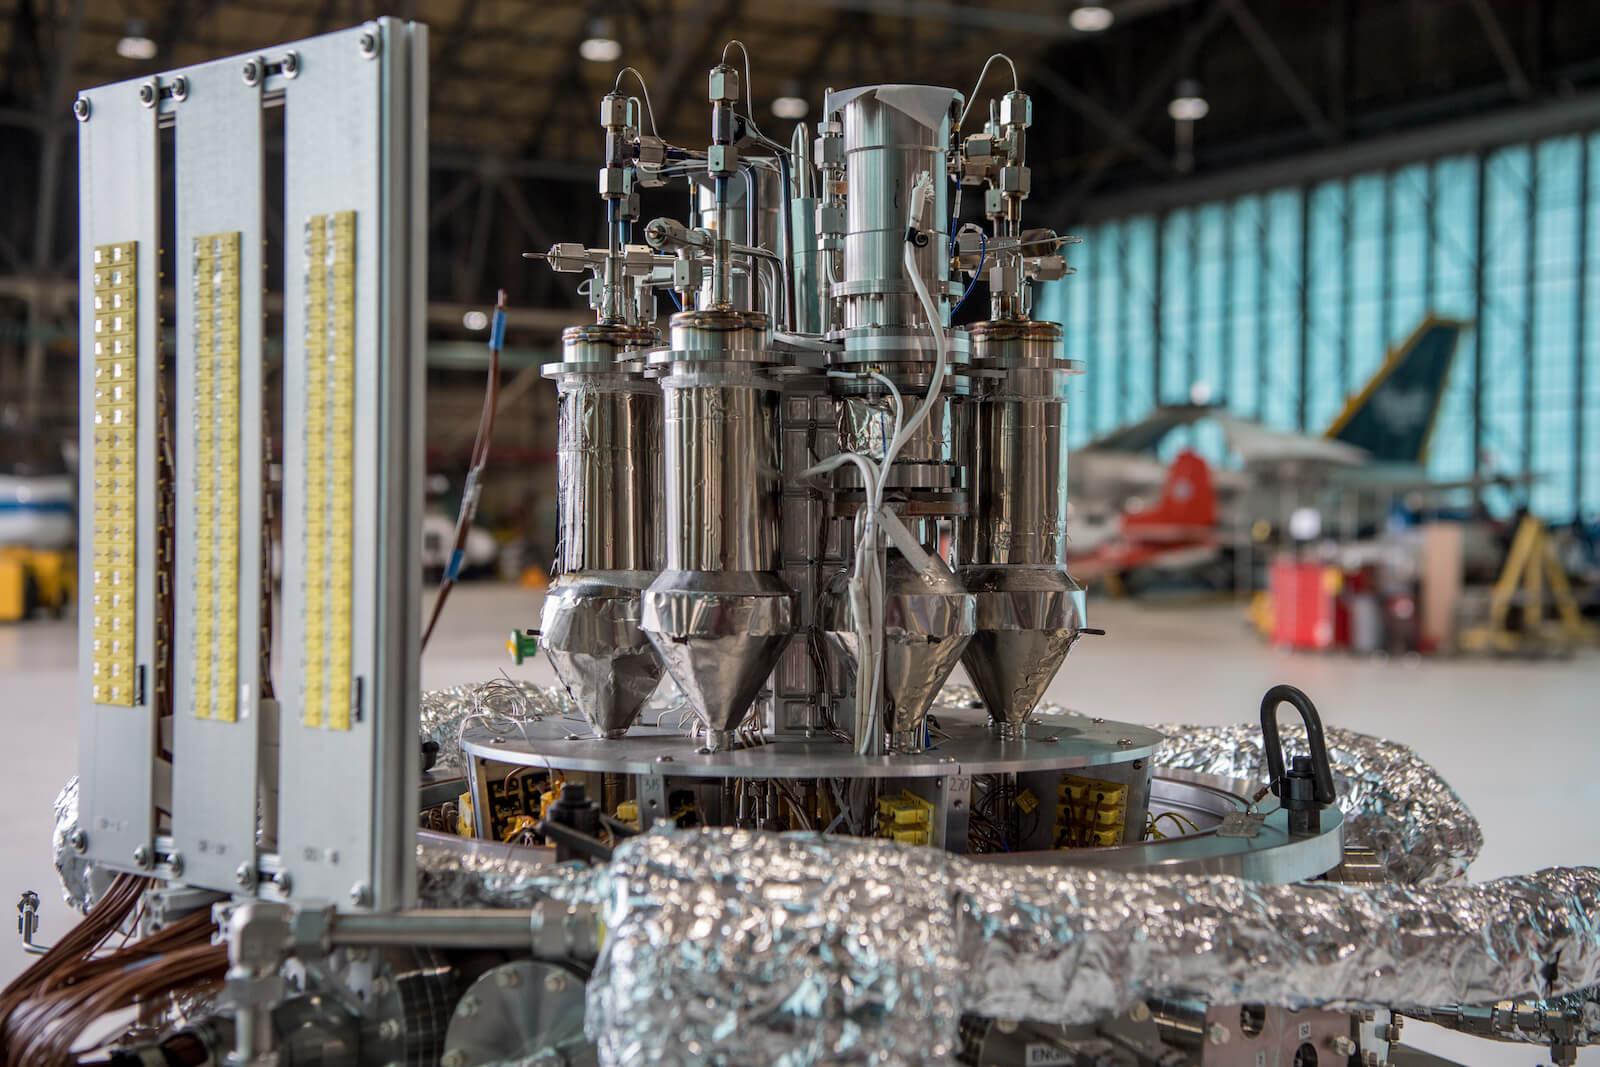 Ученые ведут разработку компактного ядерного реактора для космических колоний